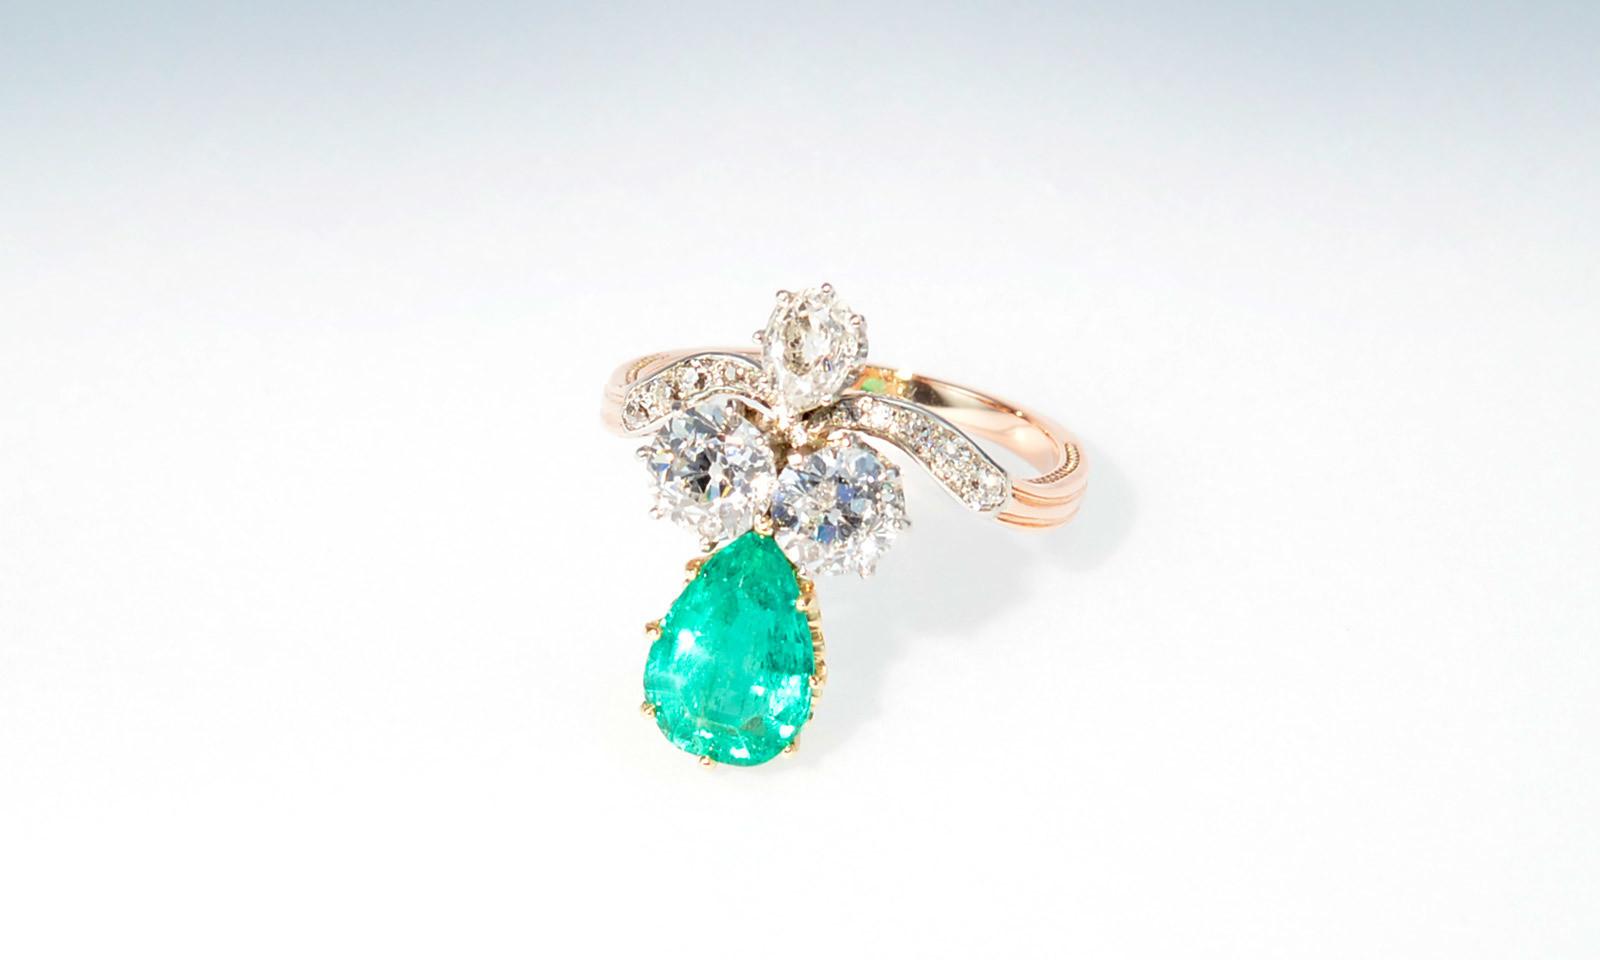 Ring belle epoque smaragd. Ring Belle Epoque, Platin auf Rotgold, mit Smaragd 1.64 ct. (Kolumbien), 2 Diamanten Altschliff ca. 1.0 ct., Diamant-Tropfen und 10 kleinen Diamanten, CHF 8500.-